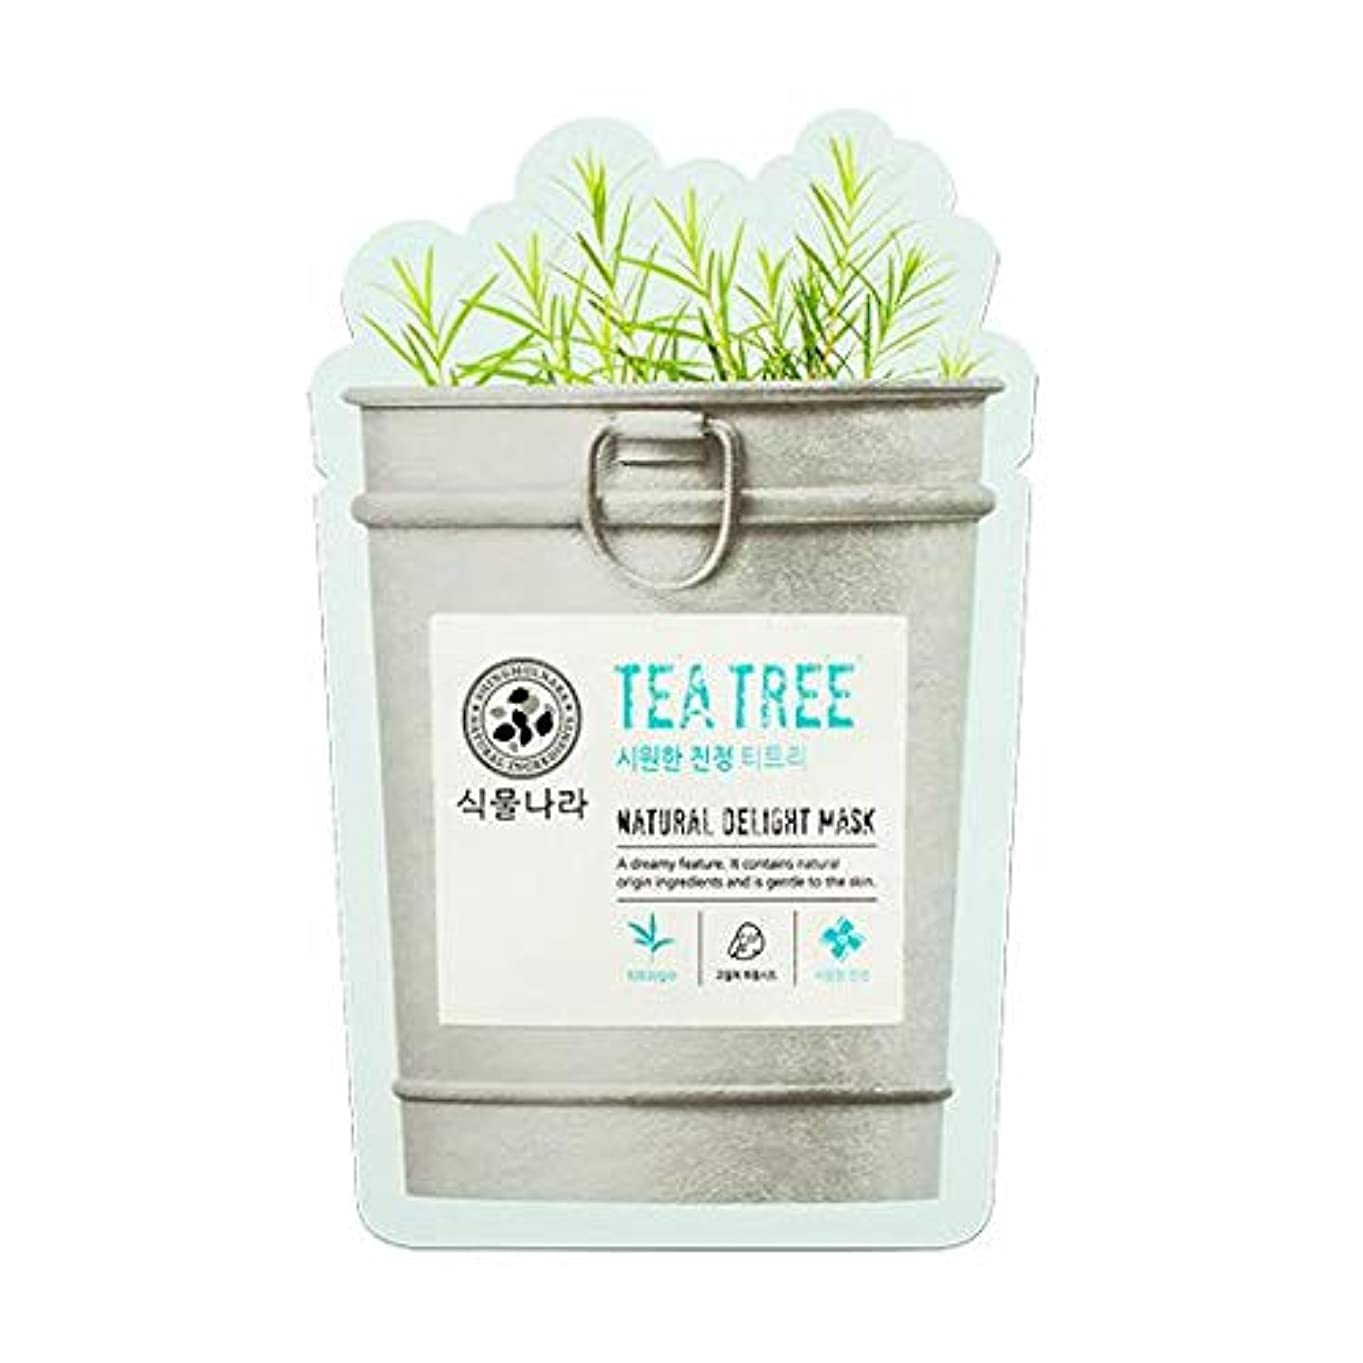 奇跡過ち発症SHINGMULNARA 植物ナラ ナチュラル デライト マスクパック ティートリ/アロエ/炭/蜜 韓国オリーブ霊遊明商品 (ティートリー (Tea Tree) 5pack)